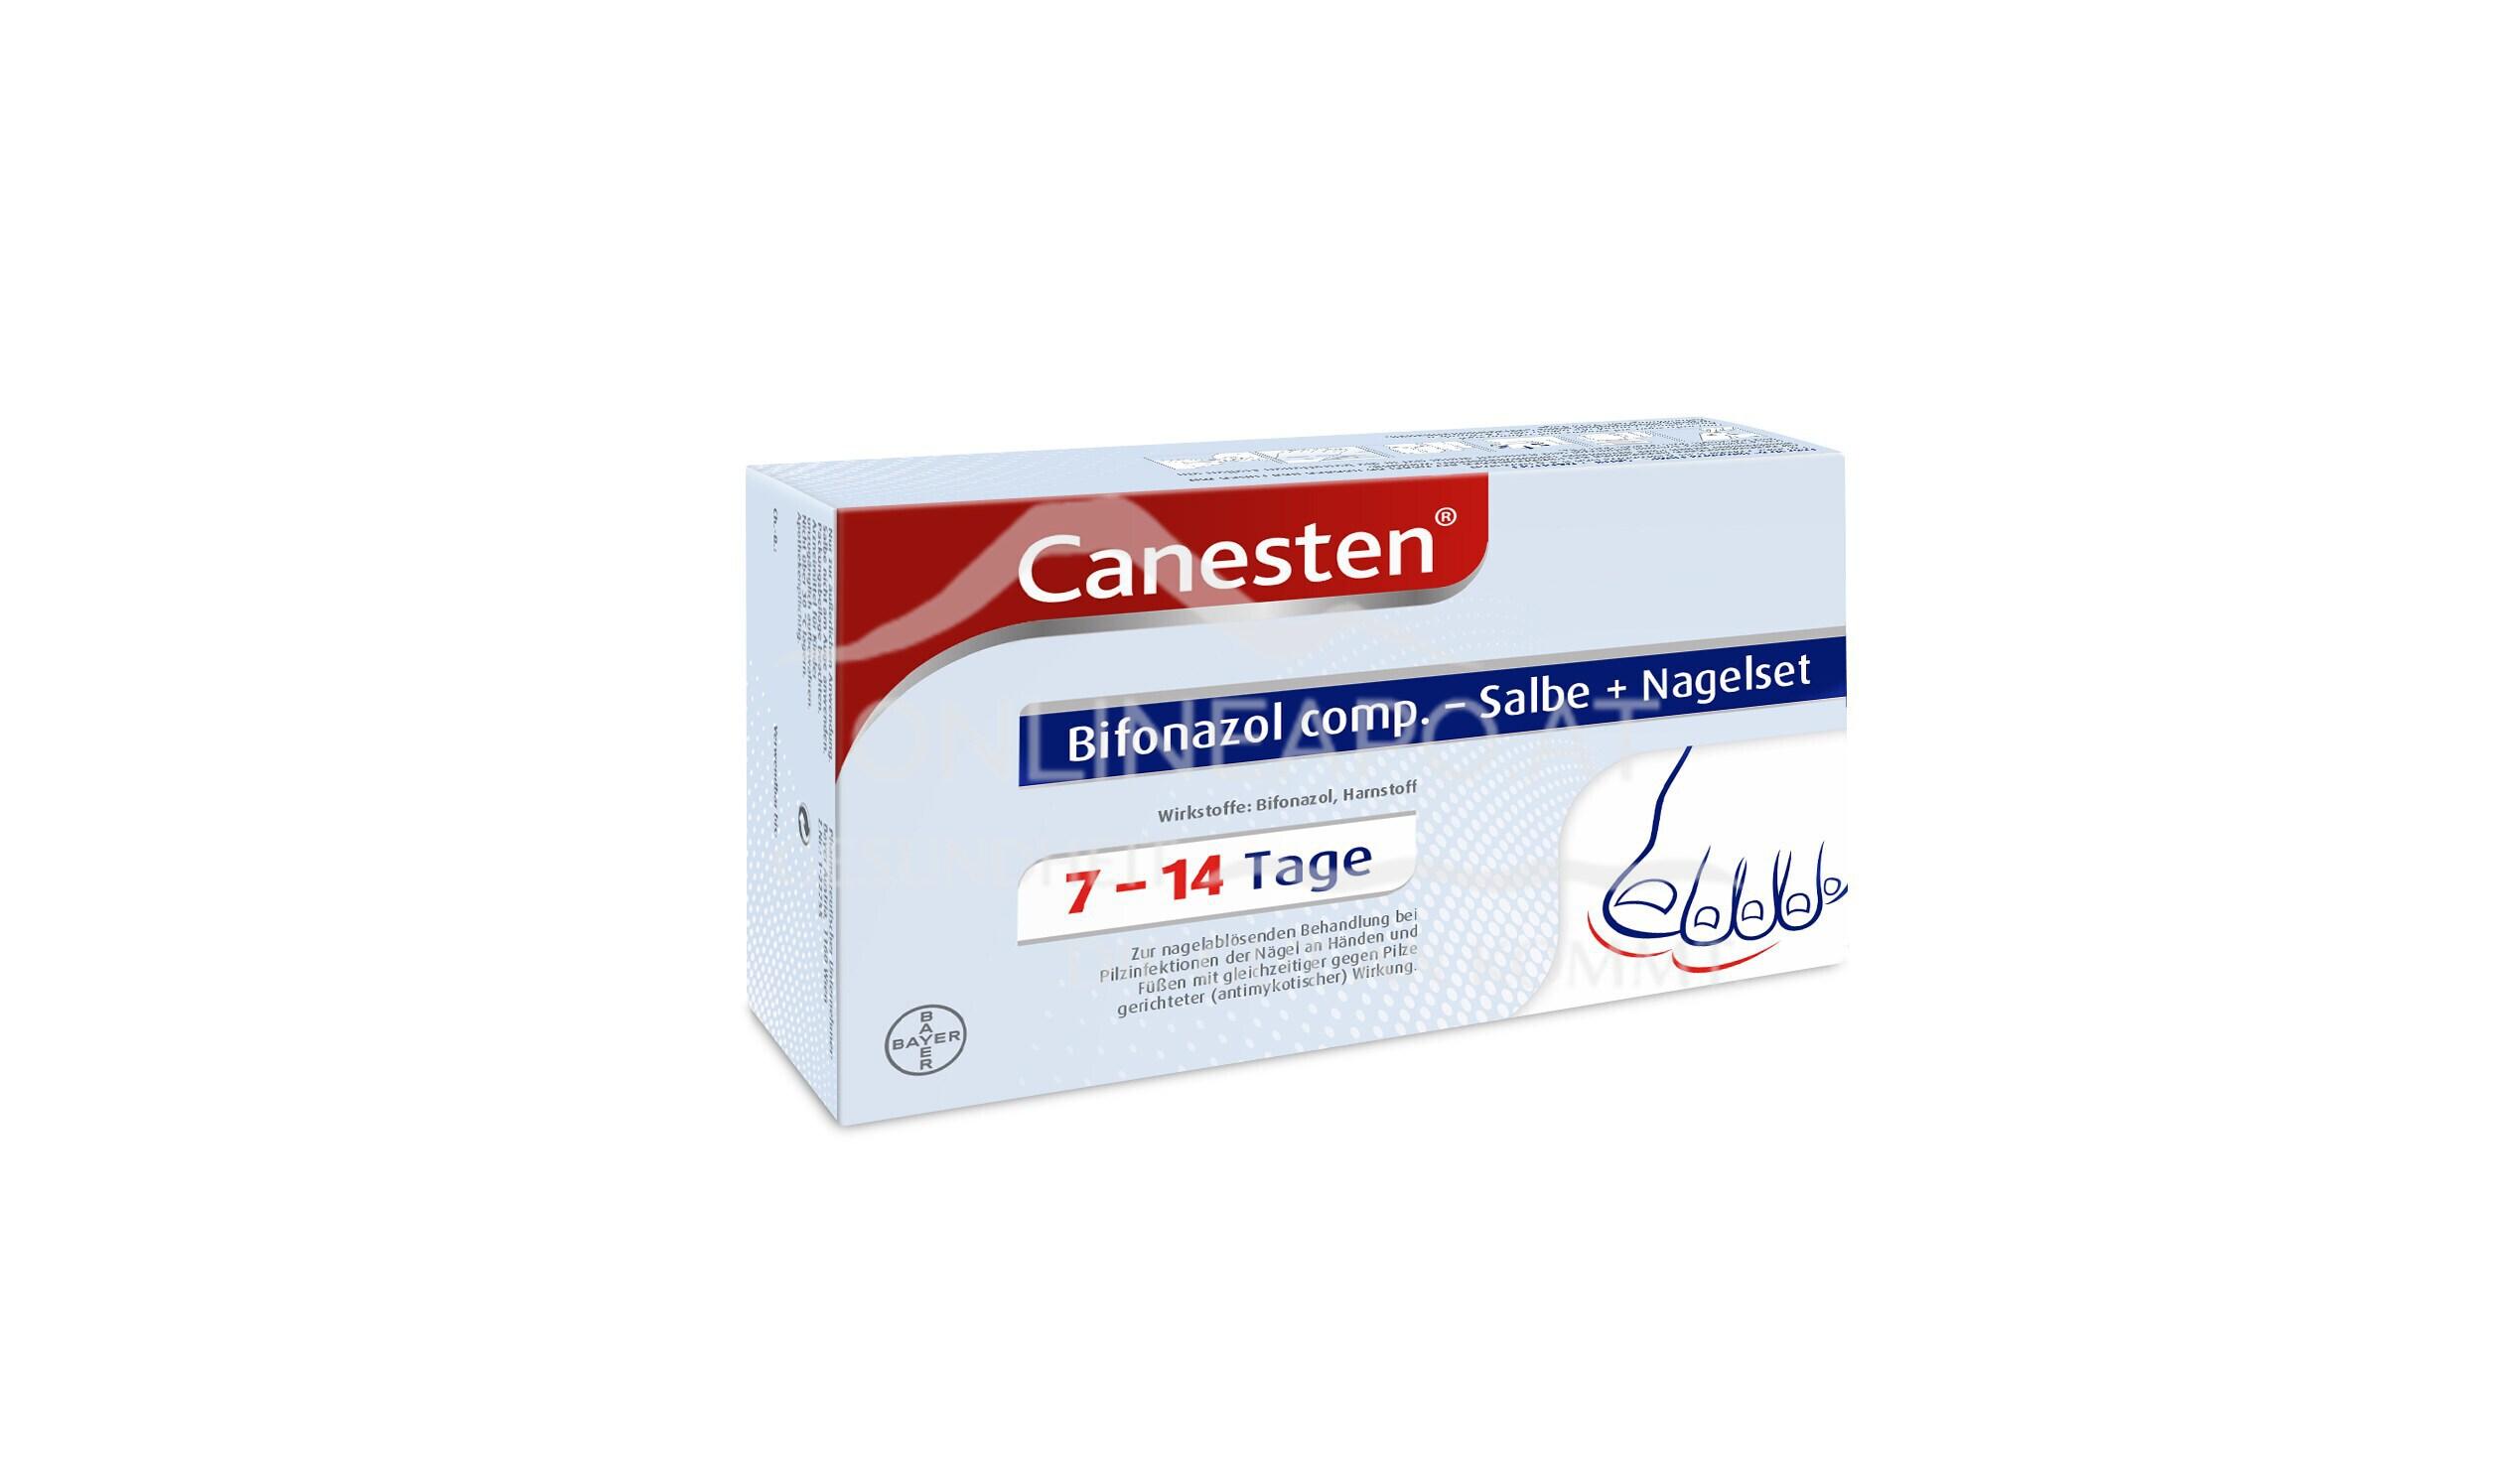 Canesten® Bifonazol comp. – Salbe + Nagelset